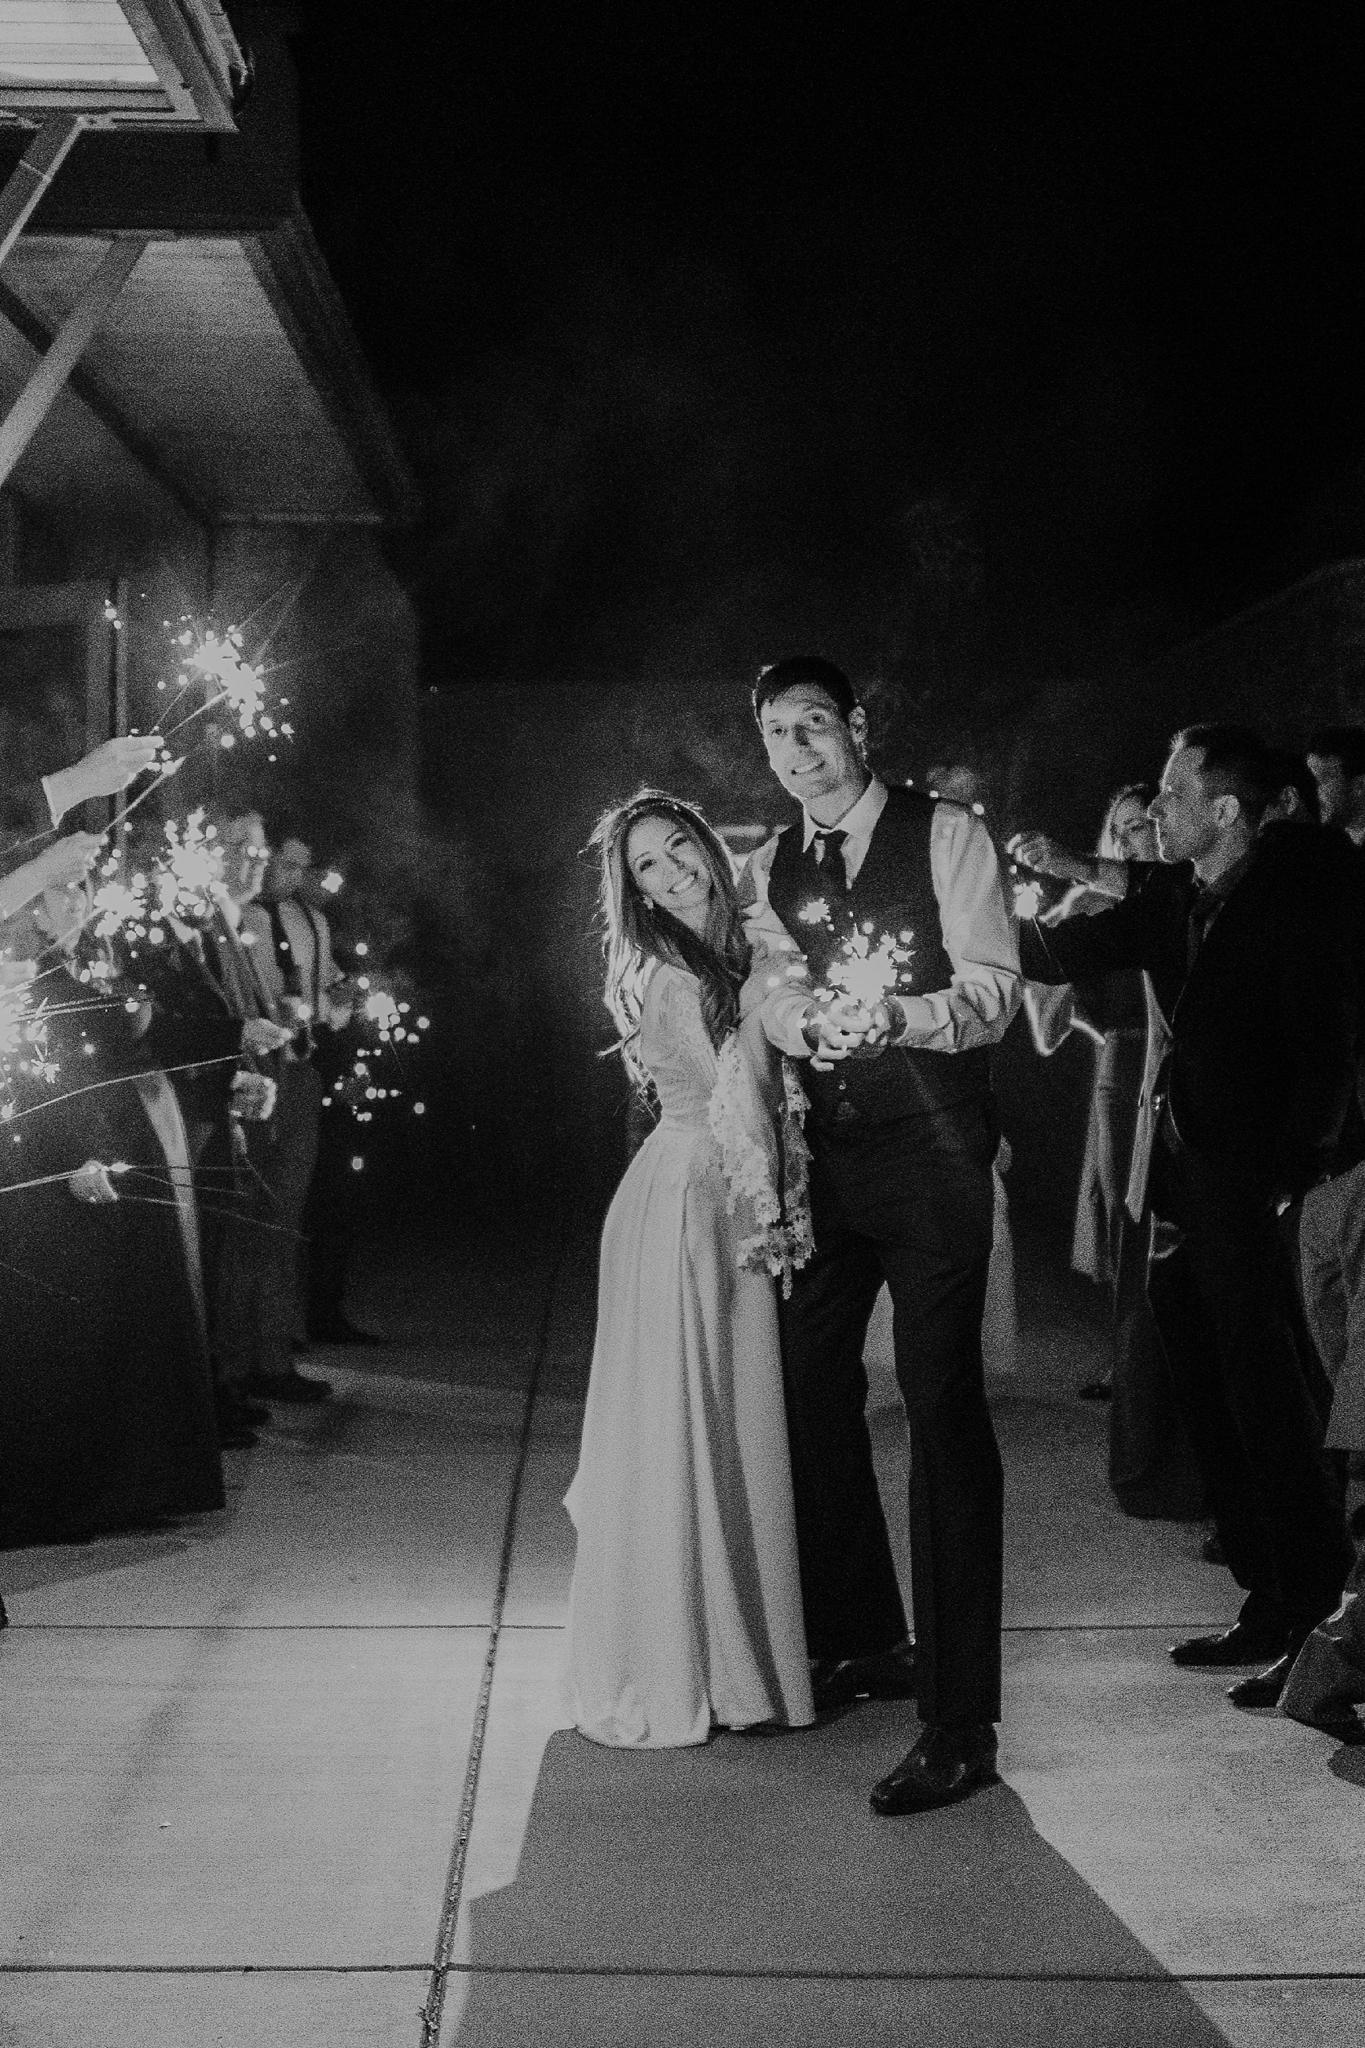 Alicia+lucia+photography+-+albuquerque+wedding+photographer+-+santa+fe+wedding+photography+-+new+mexico+wedding+photographer+-+new+mexico+wedding+-+wedding+-+winter+wedding+-+wedding+reception+-+winter+wedding+reception_0083.jpg